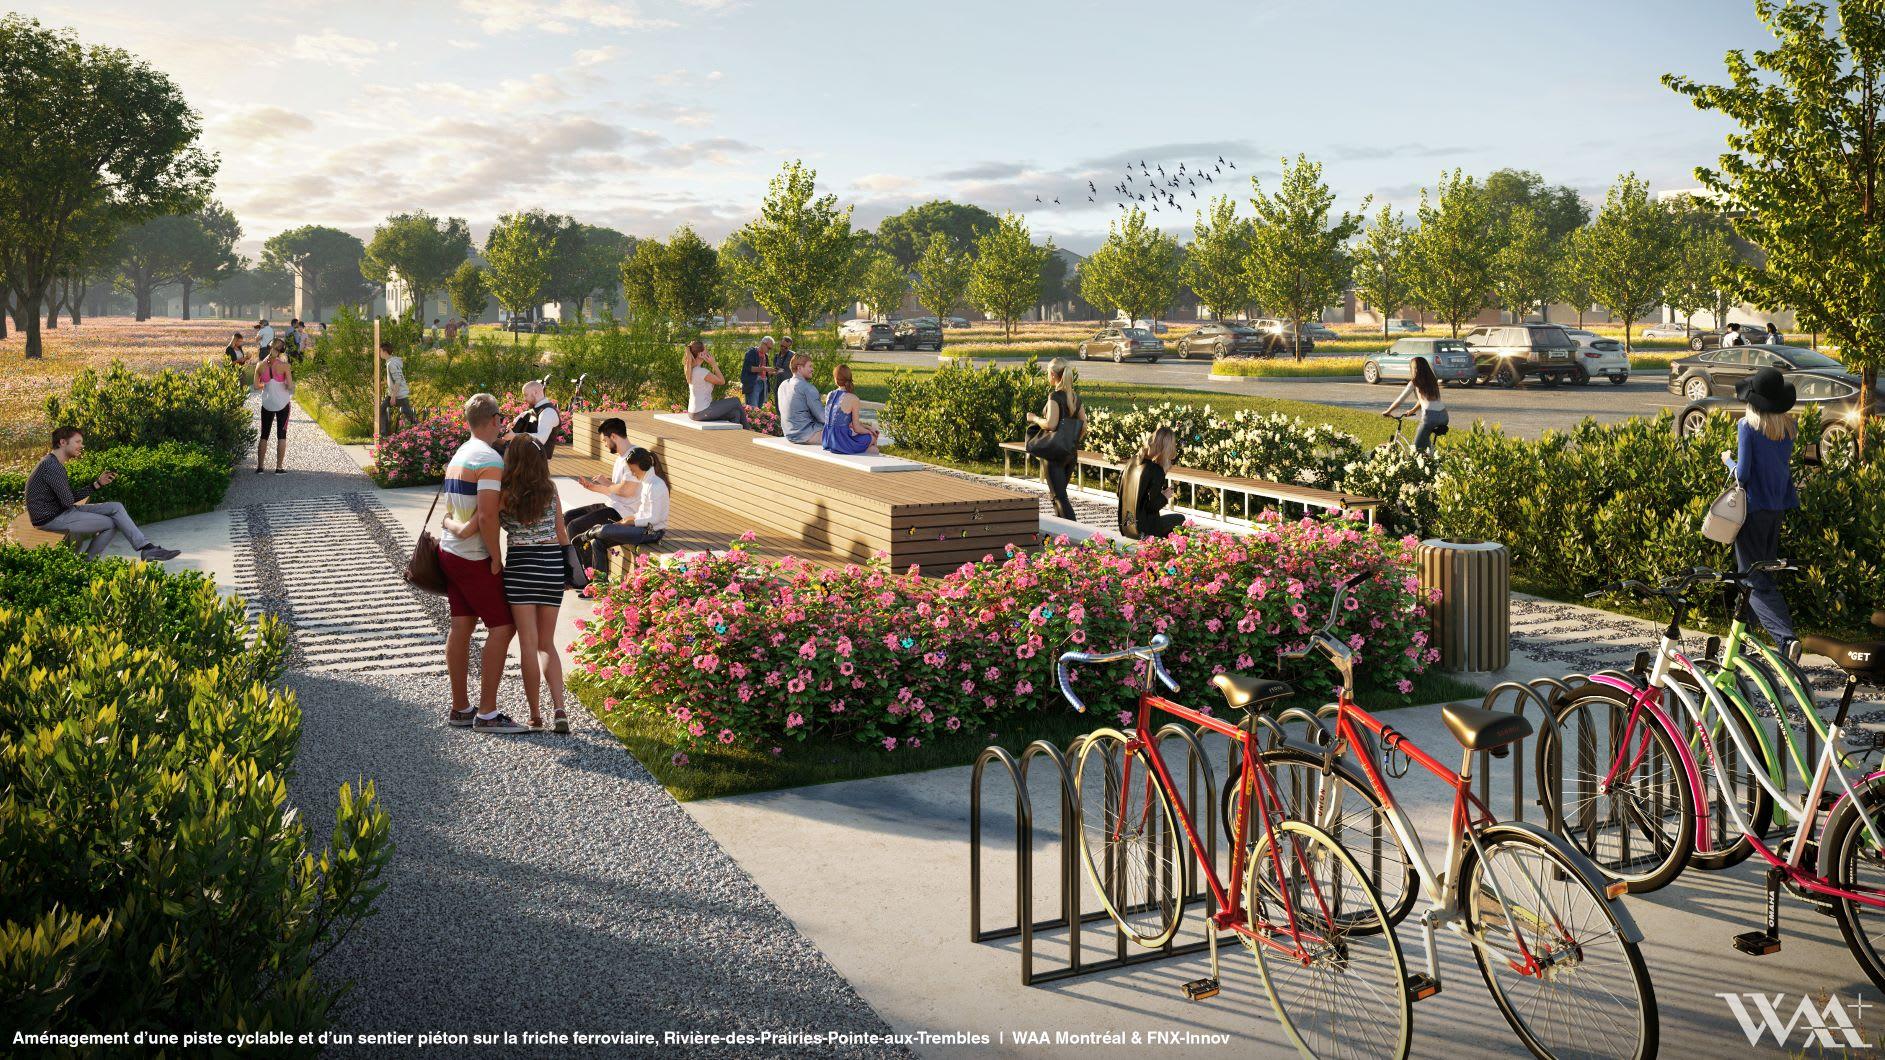 Quatre haltes borderont le tracé du parc de la friche ferroviaire, dont celle-ci, la halte thématique histoire et patrimoine.